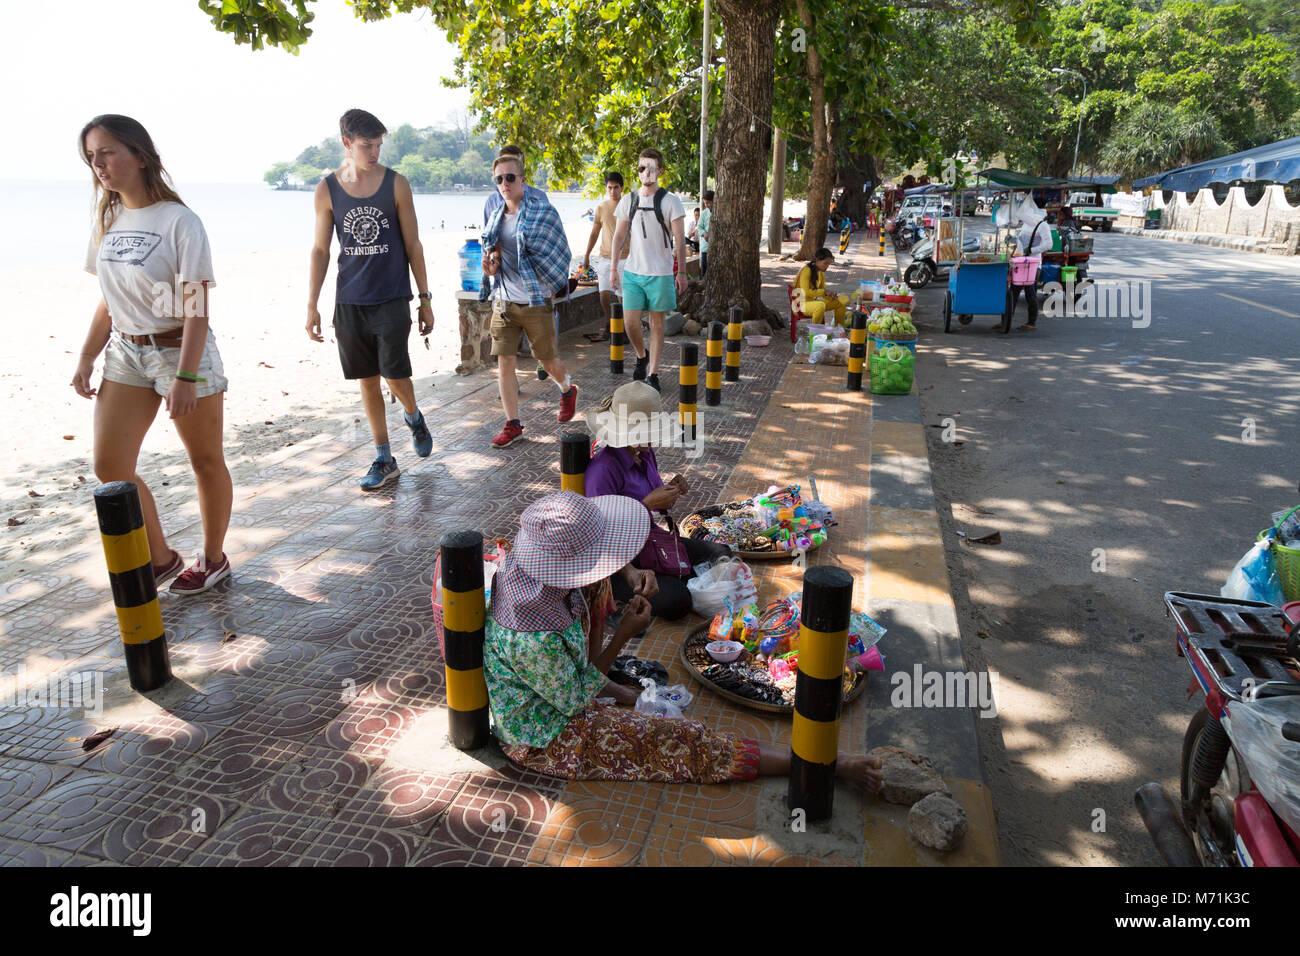 Los turistas occidentales pasando por la venta ambulante, la playa de Kep, Kep, Camboya, Sudeste de Asia Imagen De Stock